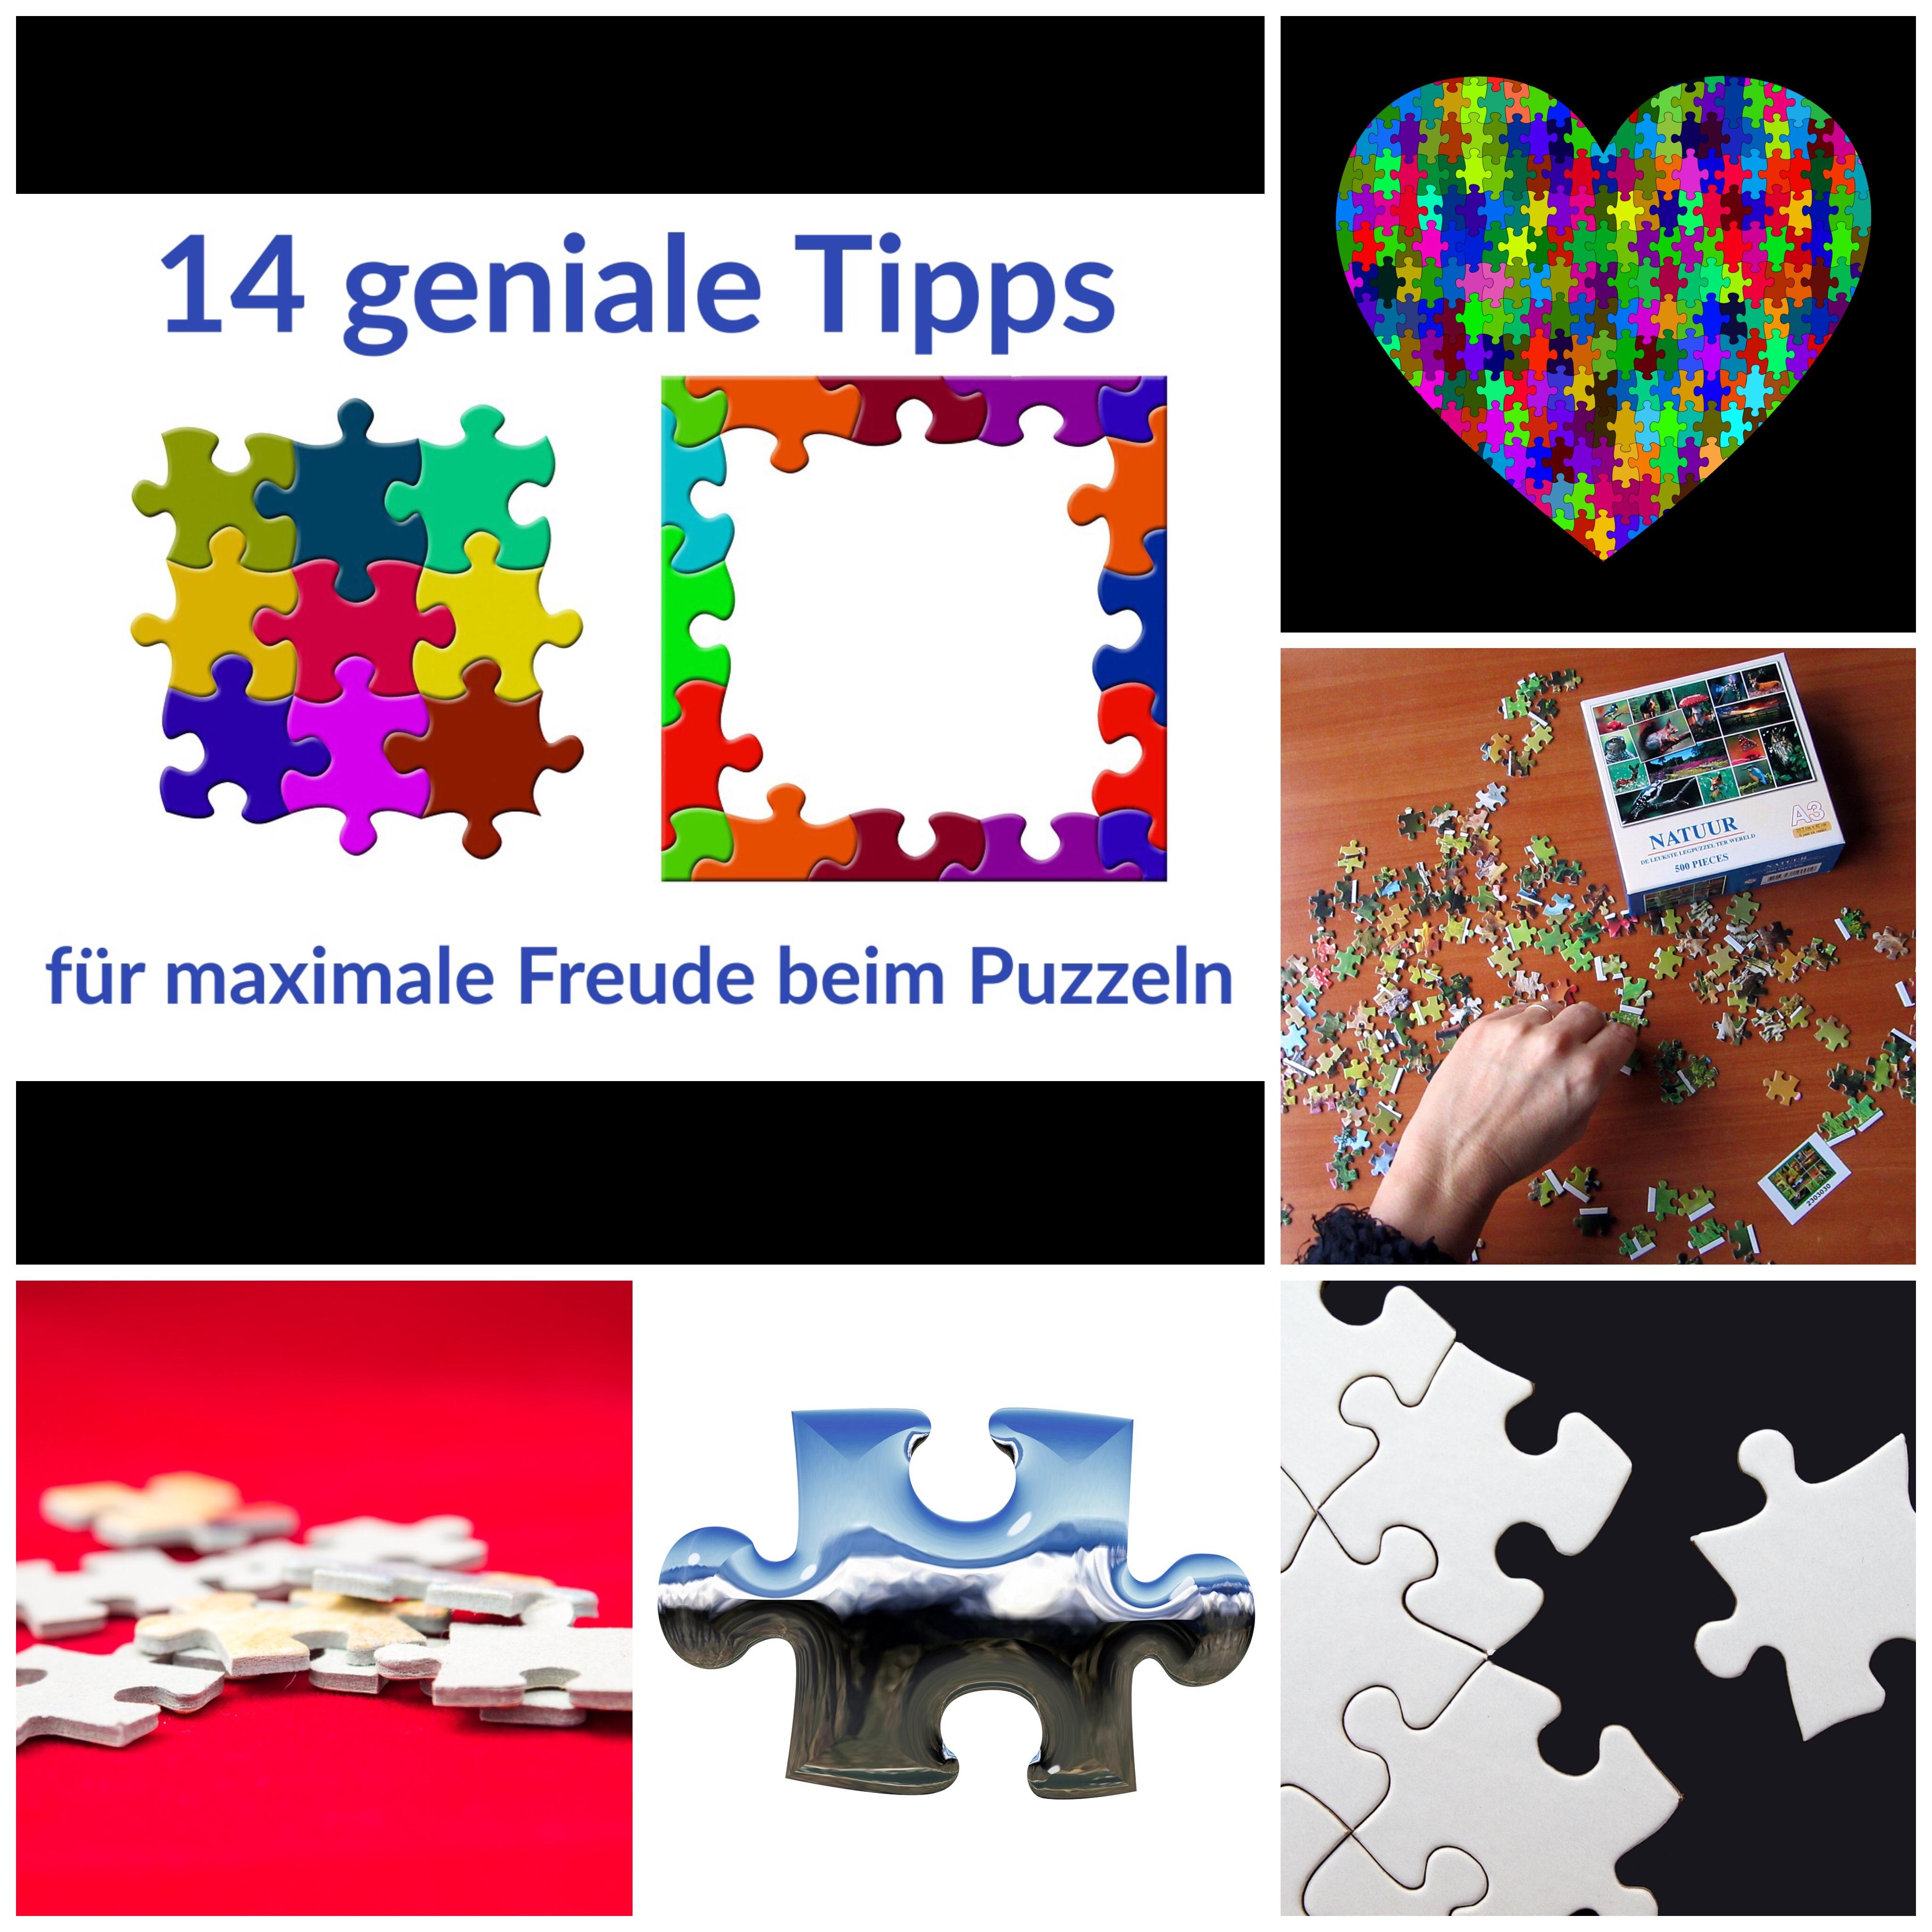 14 Tipps für Freude beim Puzzeln - Puzzle Tipps